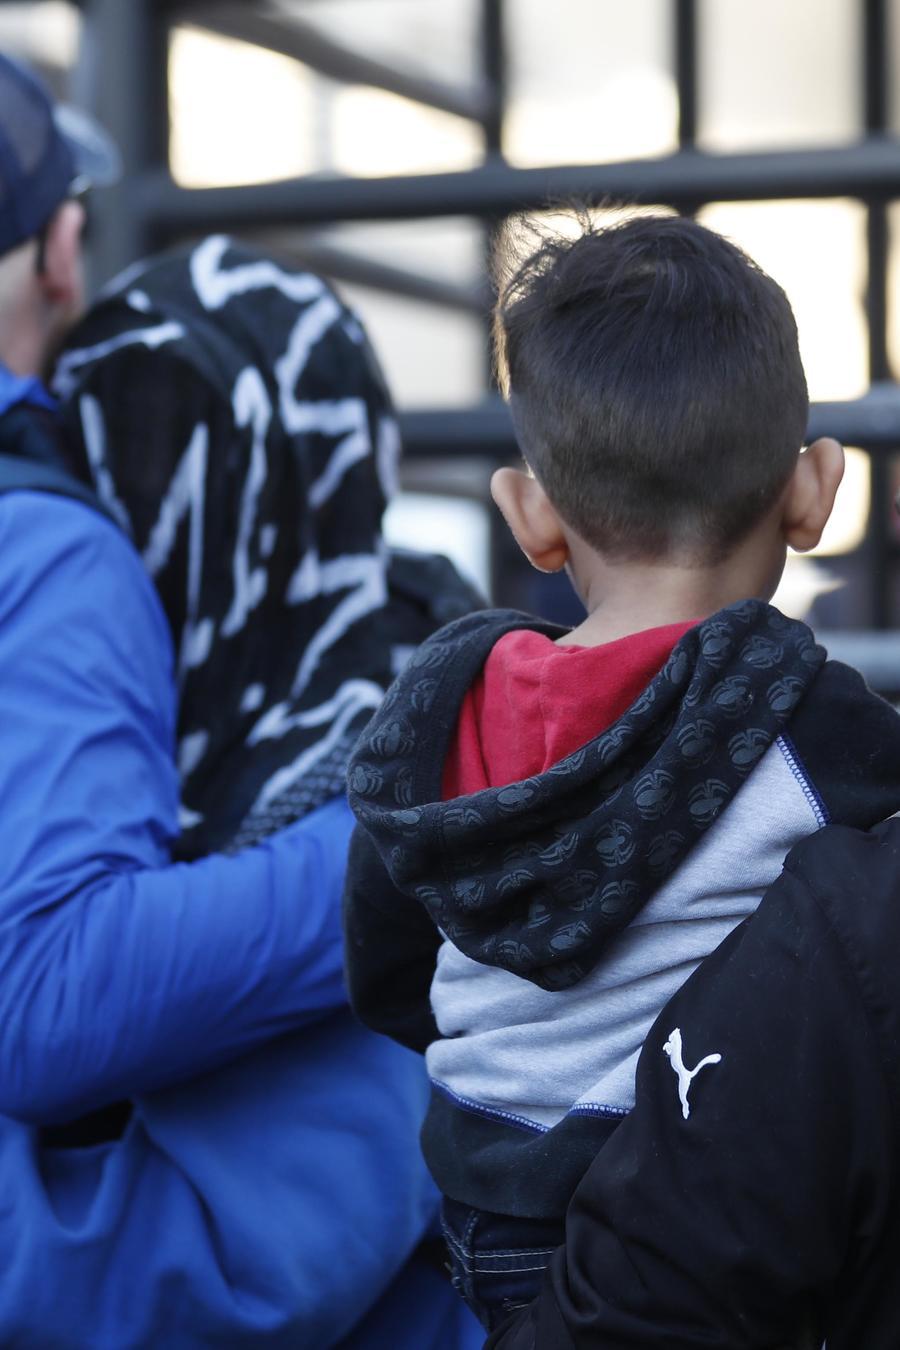 Inmigrantes solicitantes de asilo ingresan a EEUU por el puerto de entrada Otay Mesa de San Diego, desde Tijuana, México en diciembre de 2018